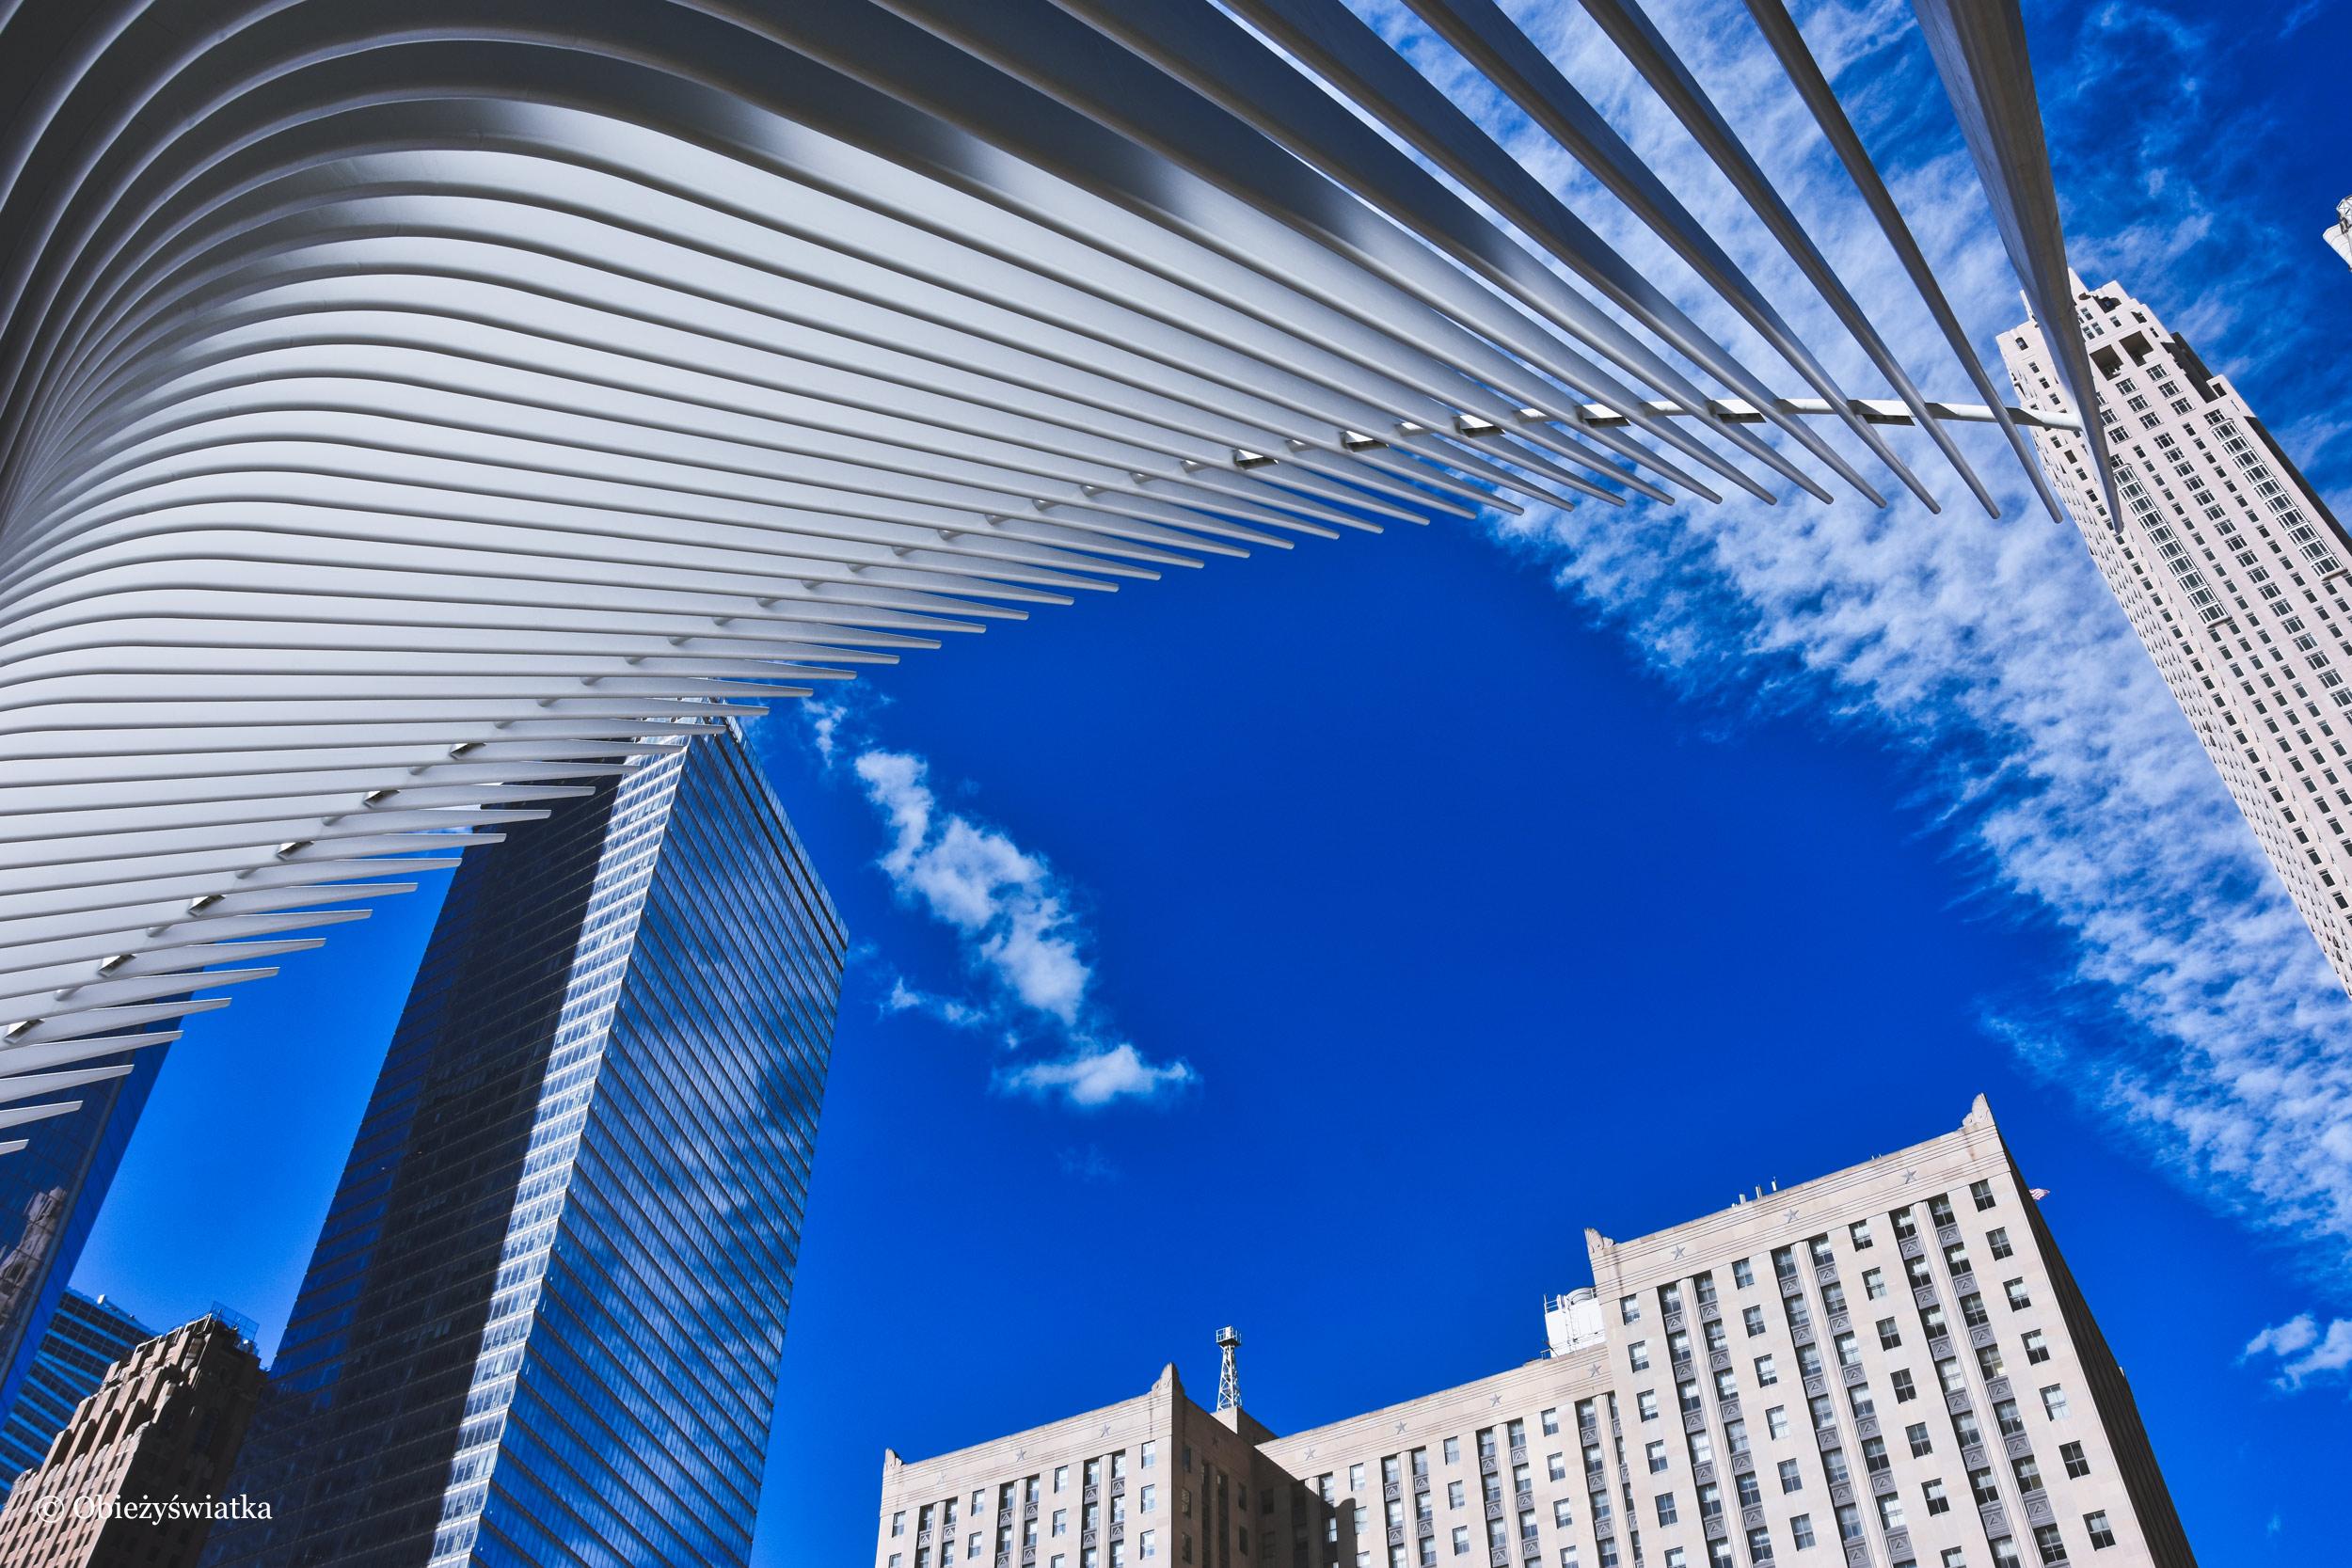 Nowy Jork i stacja metra projektu Calatravy